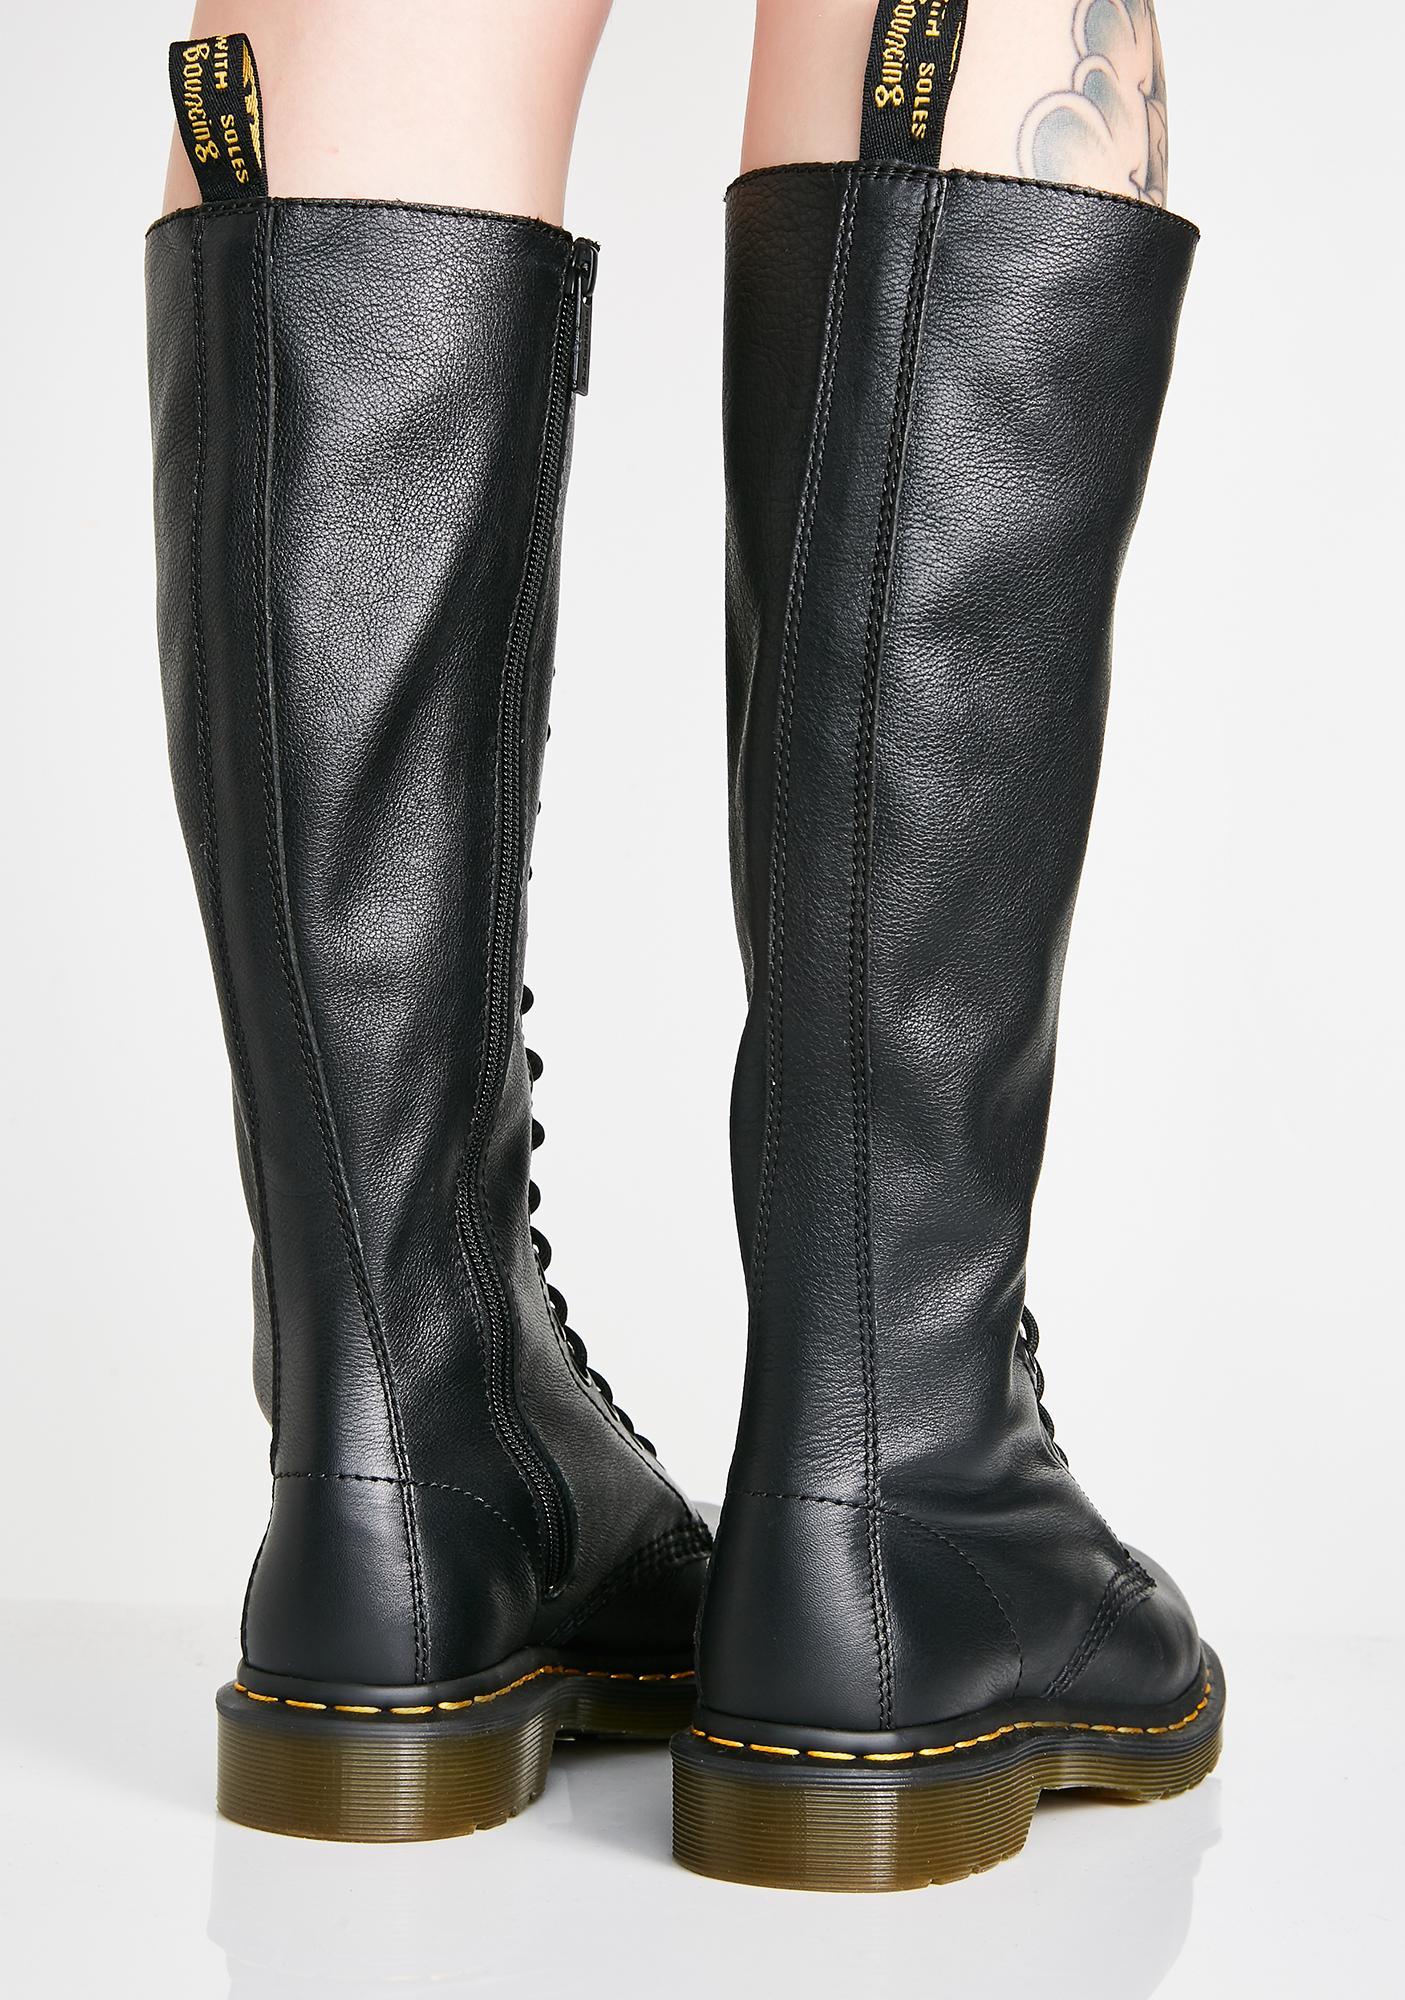 Dr. Martens 1B60 20 Eye Boots